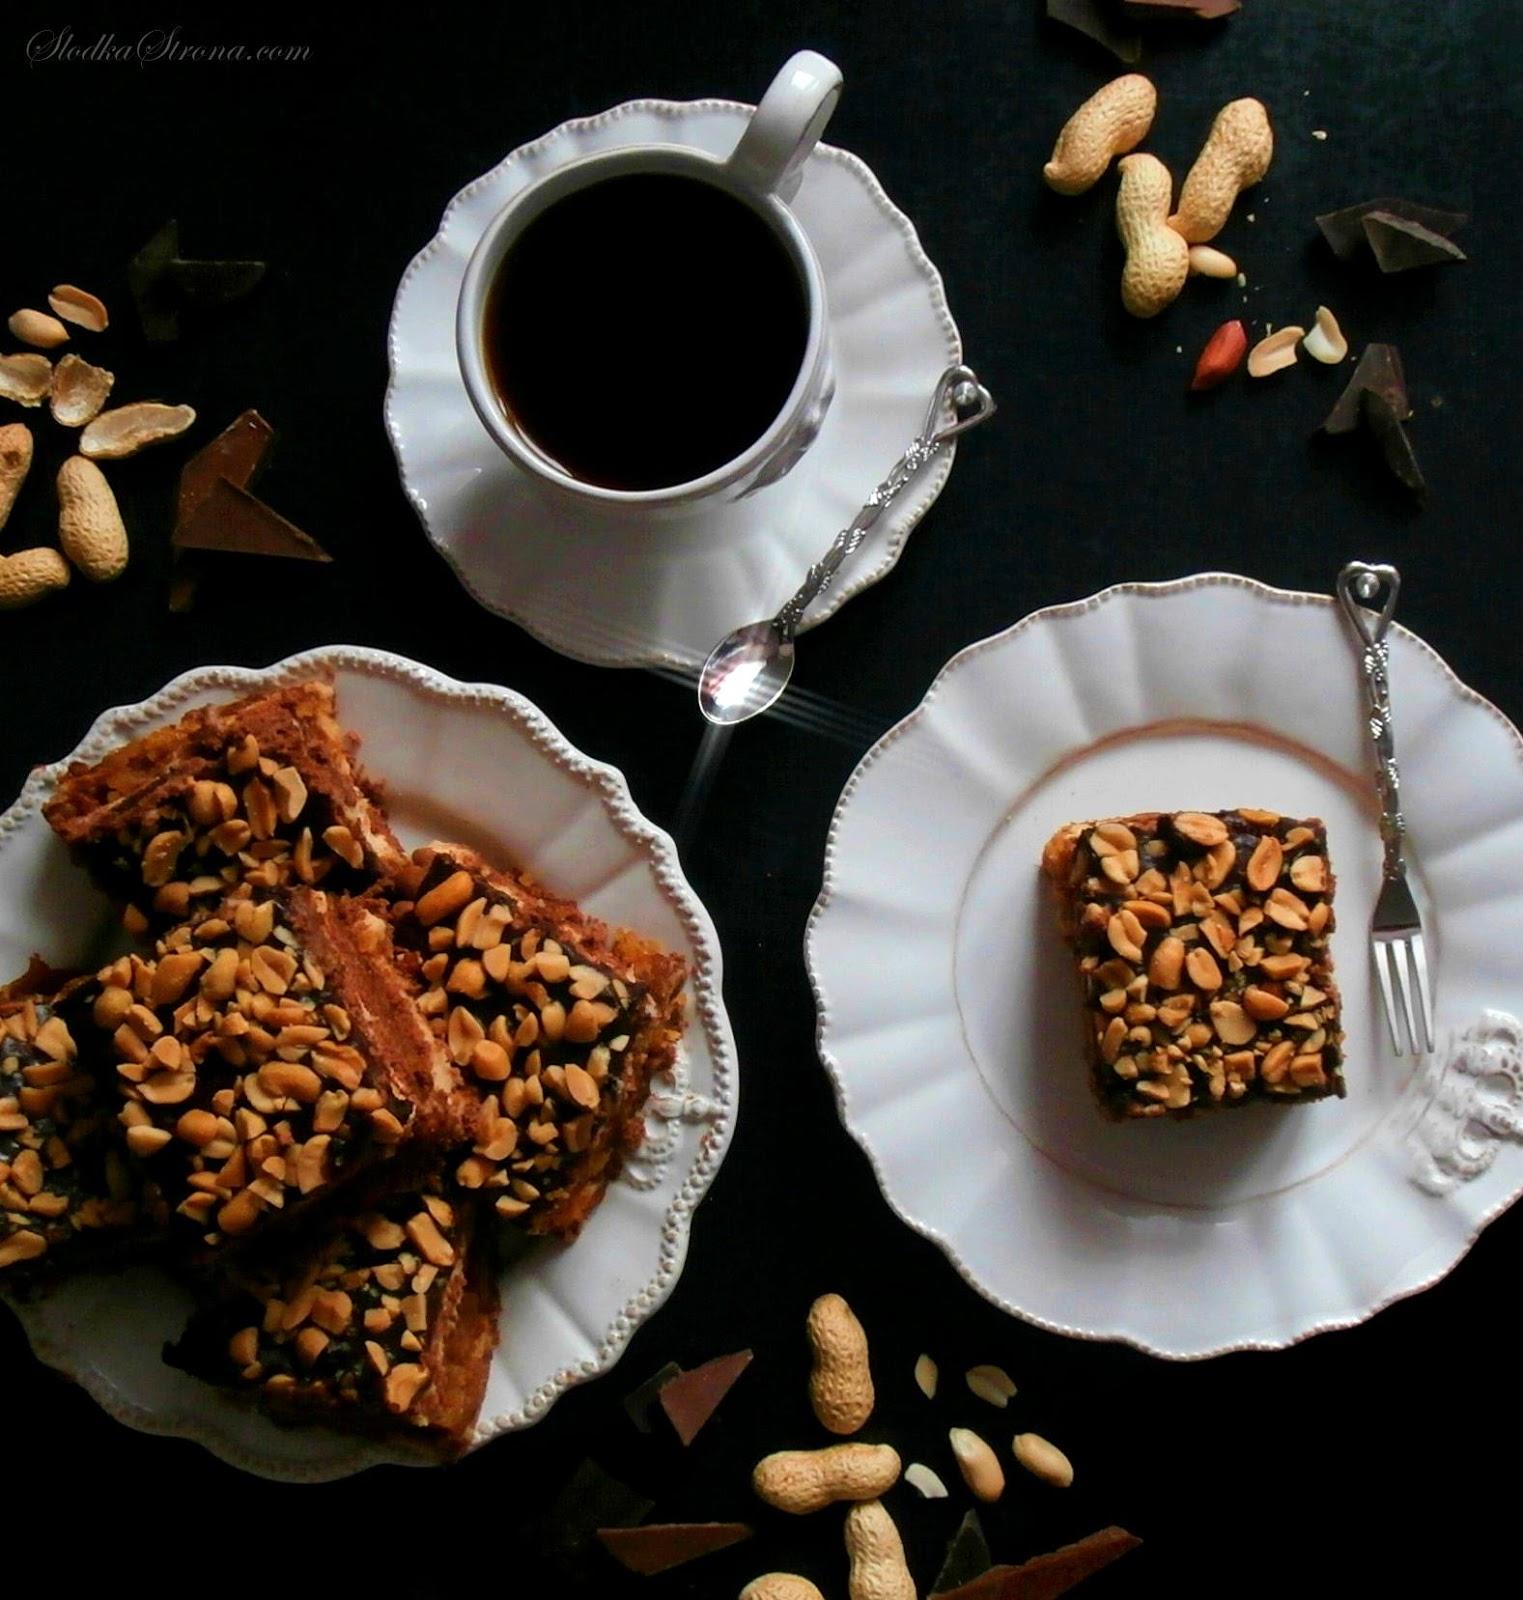 """Ciasto """"Snickers"""" Bez Pieczenia - Przepis - Słodka Strona Ciasto """"Snickers"""" to deser stworzony na wzór popularnego batonika o tej samej nazwie. Ciasto """"Snickers"""" to połączenie mleczno-orzechowej, budyniowej masy z karmelem, masłem orzechowym oraz czekoladową polewą posypaną orzeszkami ziemnymi. Fanów popularnego batonika Snickers długo nie trzeba namawiać do przygotowania tego ciasta, tym bardziej, że przygotujemy je bez pieczenia. ciasto snickers, ciasto snickers przepis, ciasto snickers bez pieczenia, ciasto snickers bez pieczenia przepis, czekoladowe ciasto przepis, czekoladowe ciasto bez pieczenia, czekoladowe ciasto bez pieczenia przepis, ciasto na herbatnikach, ciasto na herbatnikach przepis, ciasto na herbatnikach kakaowych, ciasto na herbatnikach kakaowych przepis, ciasto orzechowe czekoladowe, ciasto orzechowo czekoladowe bez pieczenia, ciasto z maslem oprzechowym, ciasto z maslem orzechowym przepis, ciasto z masłem orzechowym, ciasto z masłem orzechowym przepis, ciasto czekoladowe z masłem orzechowym, Tort Czekoladowy z Kremem z Masła Orzechowego, Karmelem i Polewą Czekoladową (Tort a'la Snickers), tort czekoladowy przepis, tort orzechowy przepis, tort czekoladowo orzechowy przepis, orzechy ziemne, czekolada orzechy ziemne, czekolada orzeszki, ciasto czekoladowe z orzechami, ciasto snickers, tort snickers, ciasto z karmelem, tort z karmelem, tort z masłem orzechowym, tort z maslem orzechowym, maslo orzechowe ciasto, ciasto z maslem orzechowym, Torty, Orzechy, Orzechy Ziemne, Czekolada, Masło Orzechowe, Biszkopt Czekoladowy, Masa Budyniowa, Karmel, Polewa Czekoladowa, słodka strona, slodka strona, ciasta desery torty"""